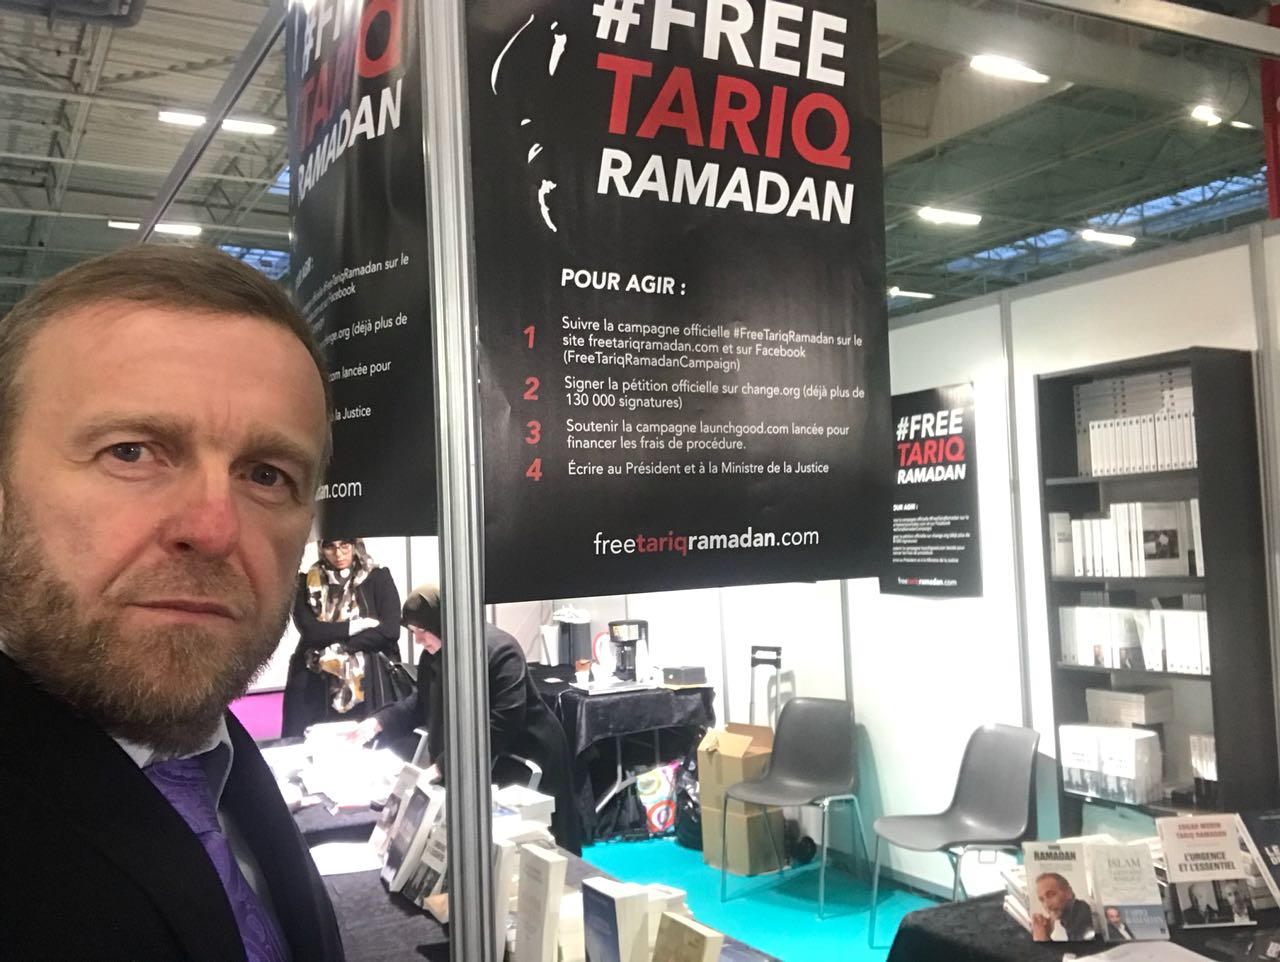 Стенд в поддержку Тарика Рамадана на форуме